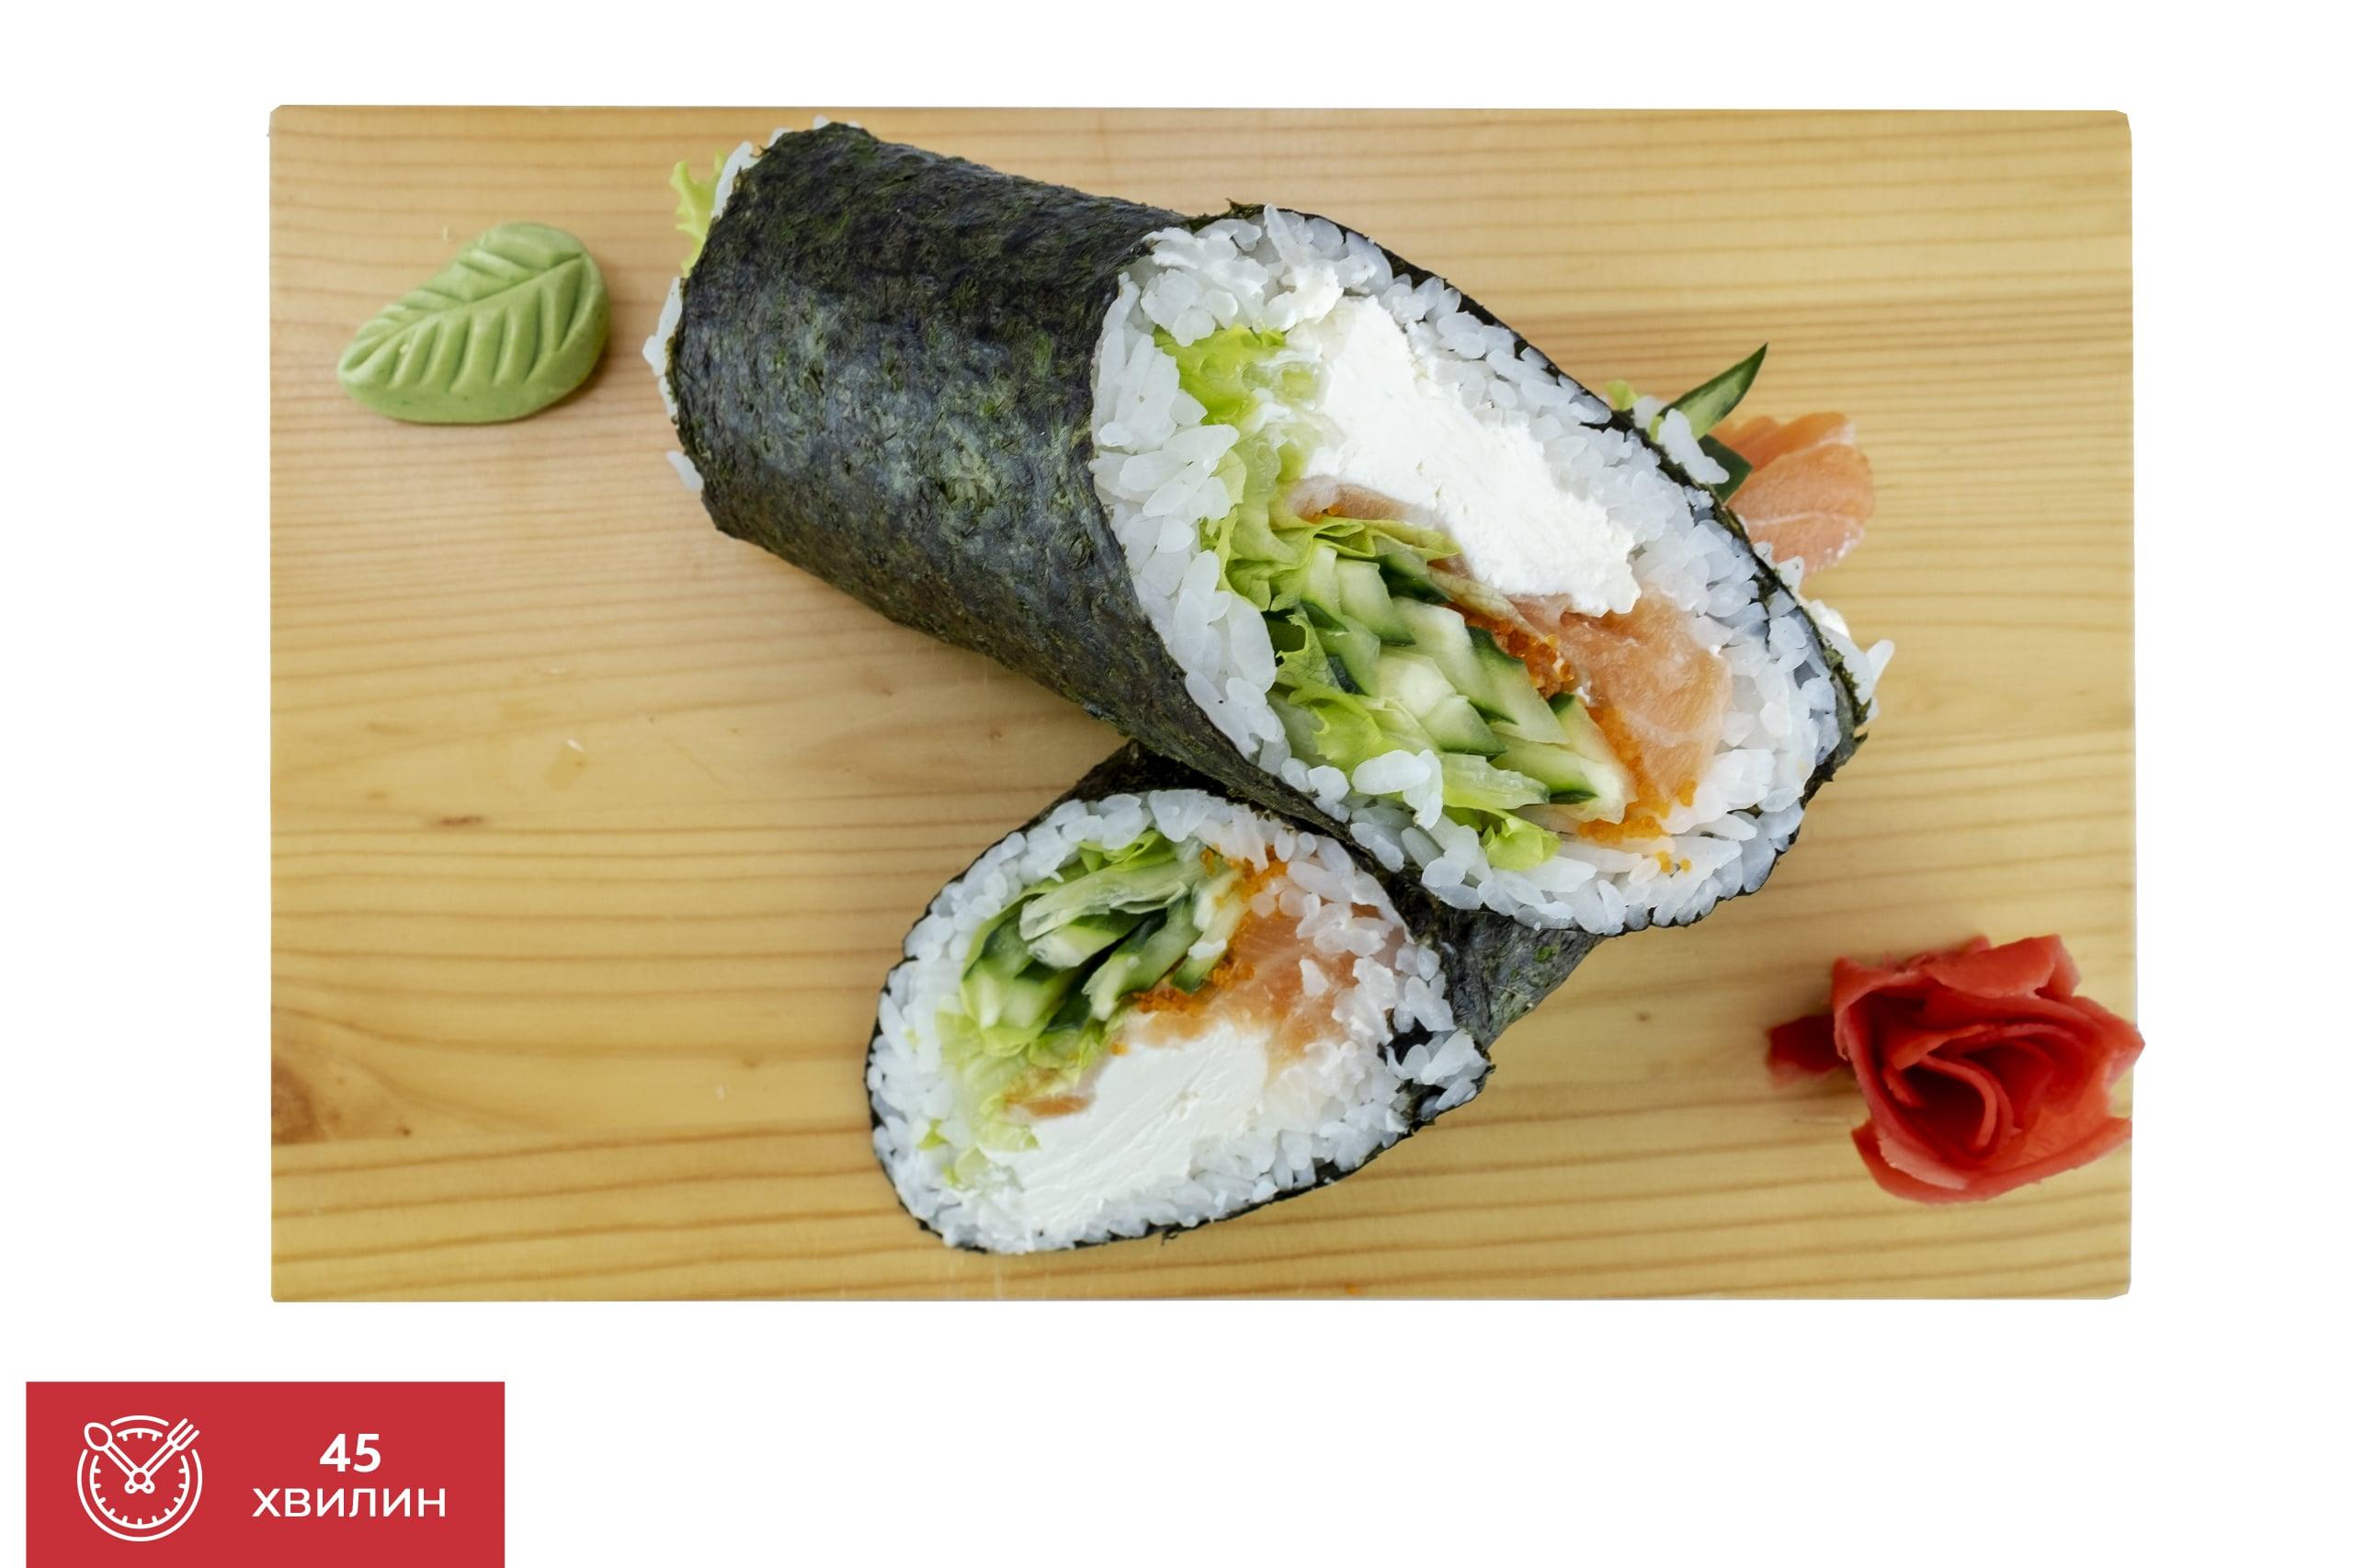 Рецепт суші буріто від Катана